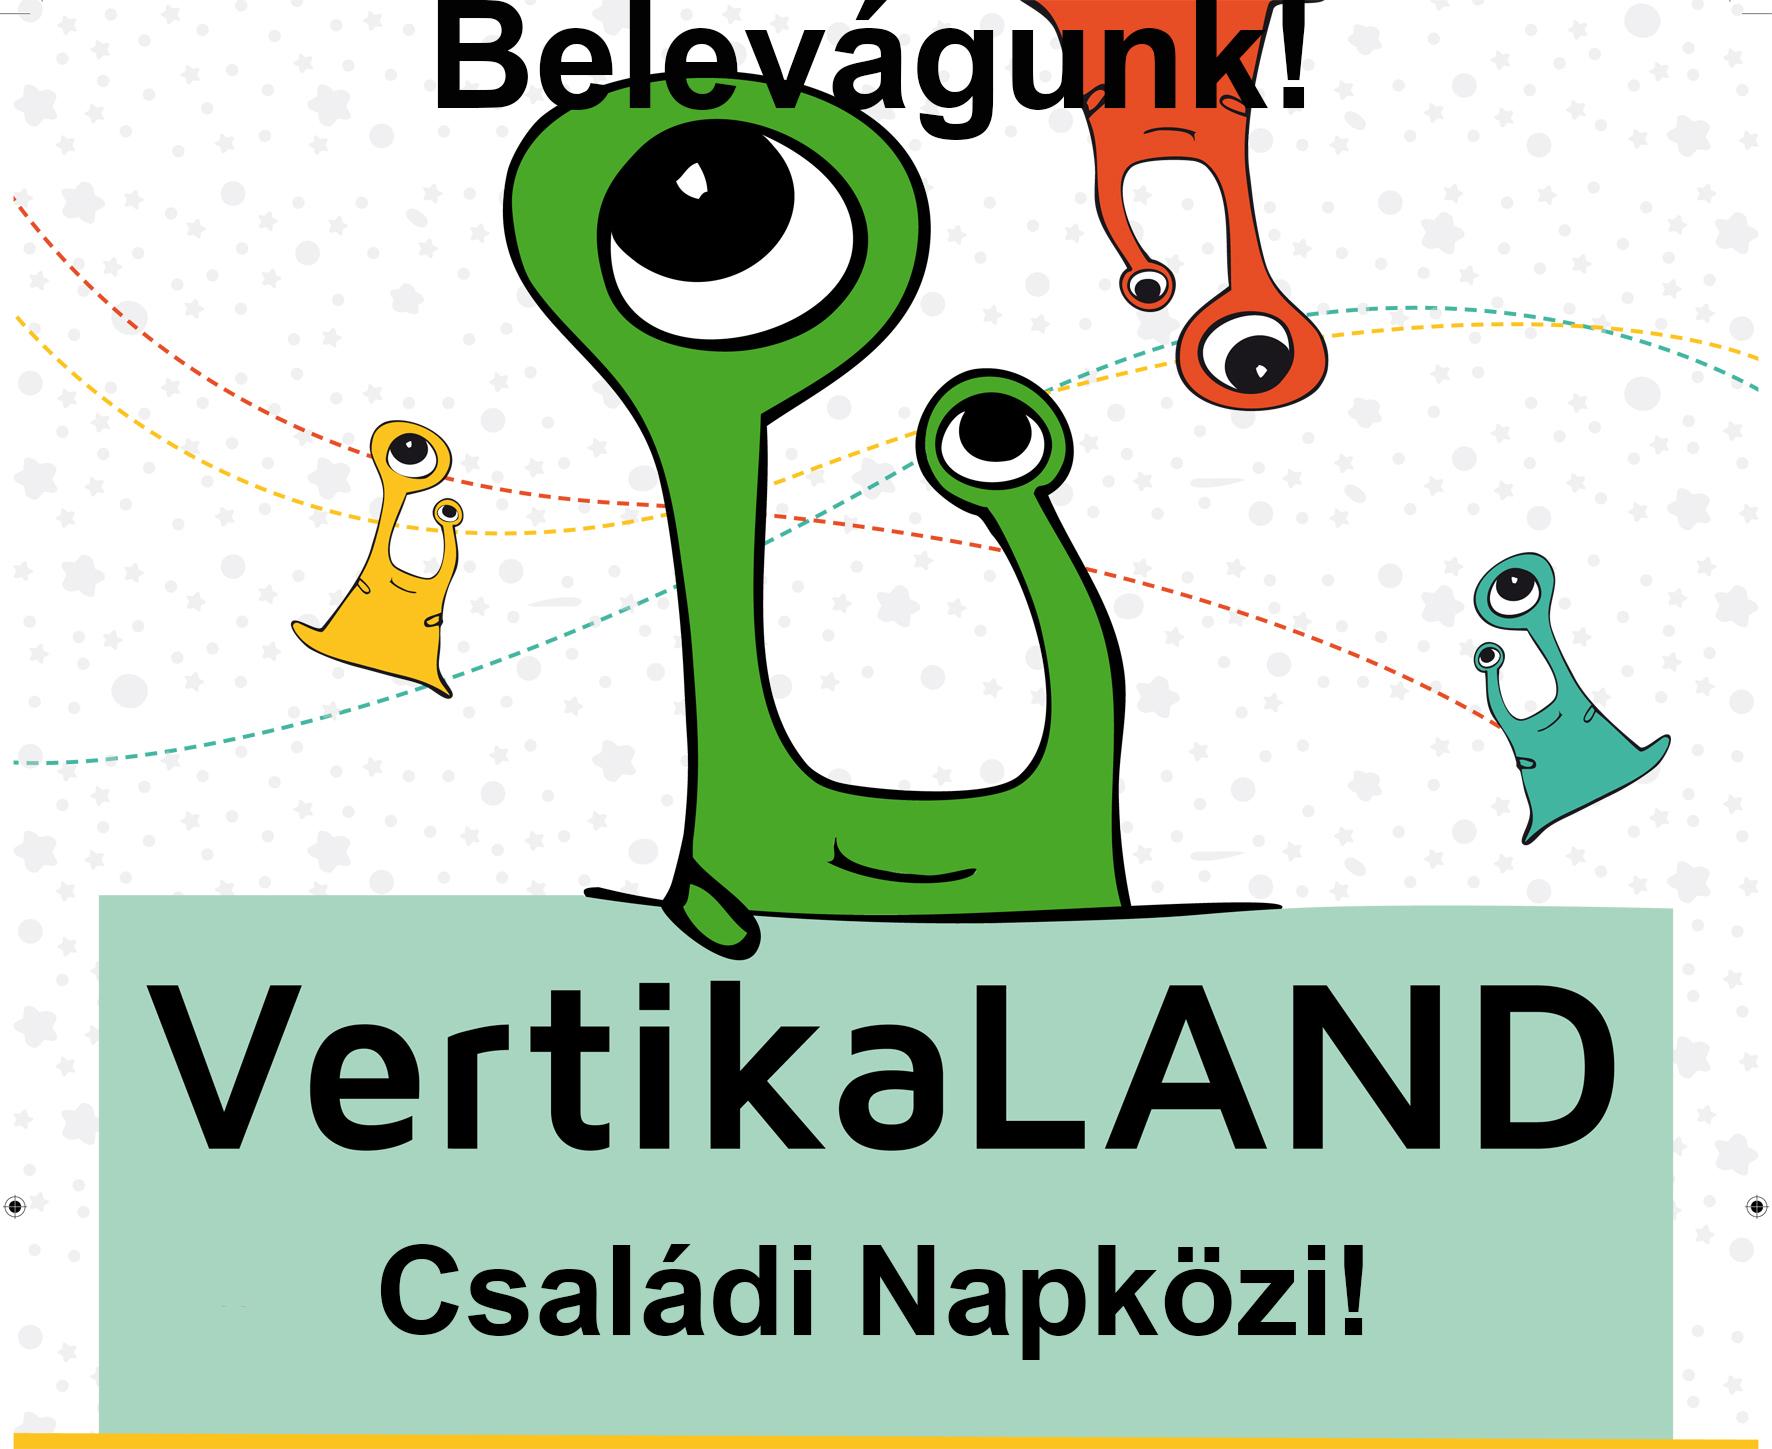 VertikaLand csana logo kicsi copy